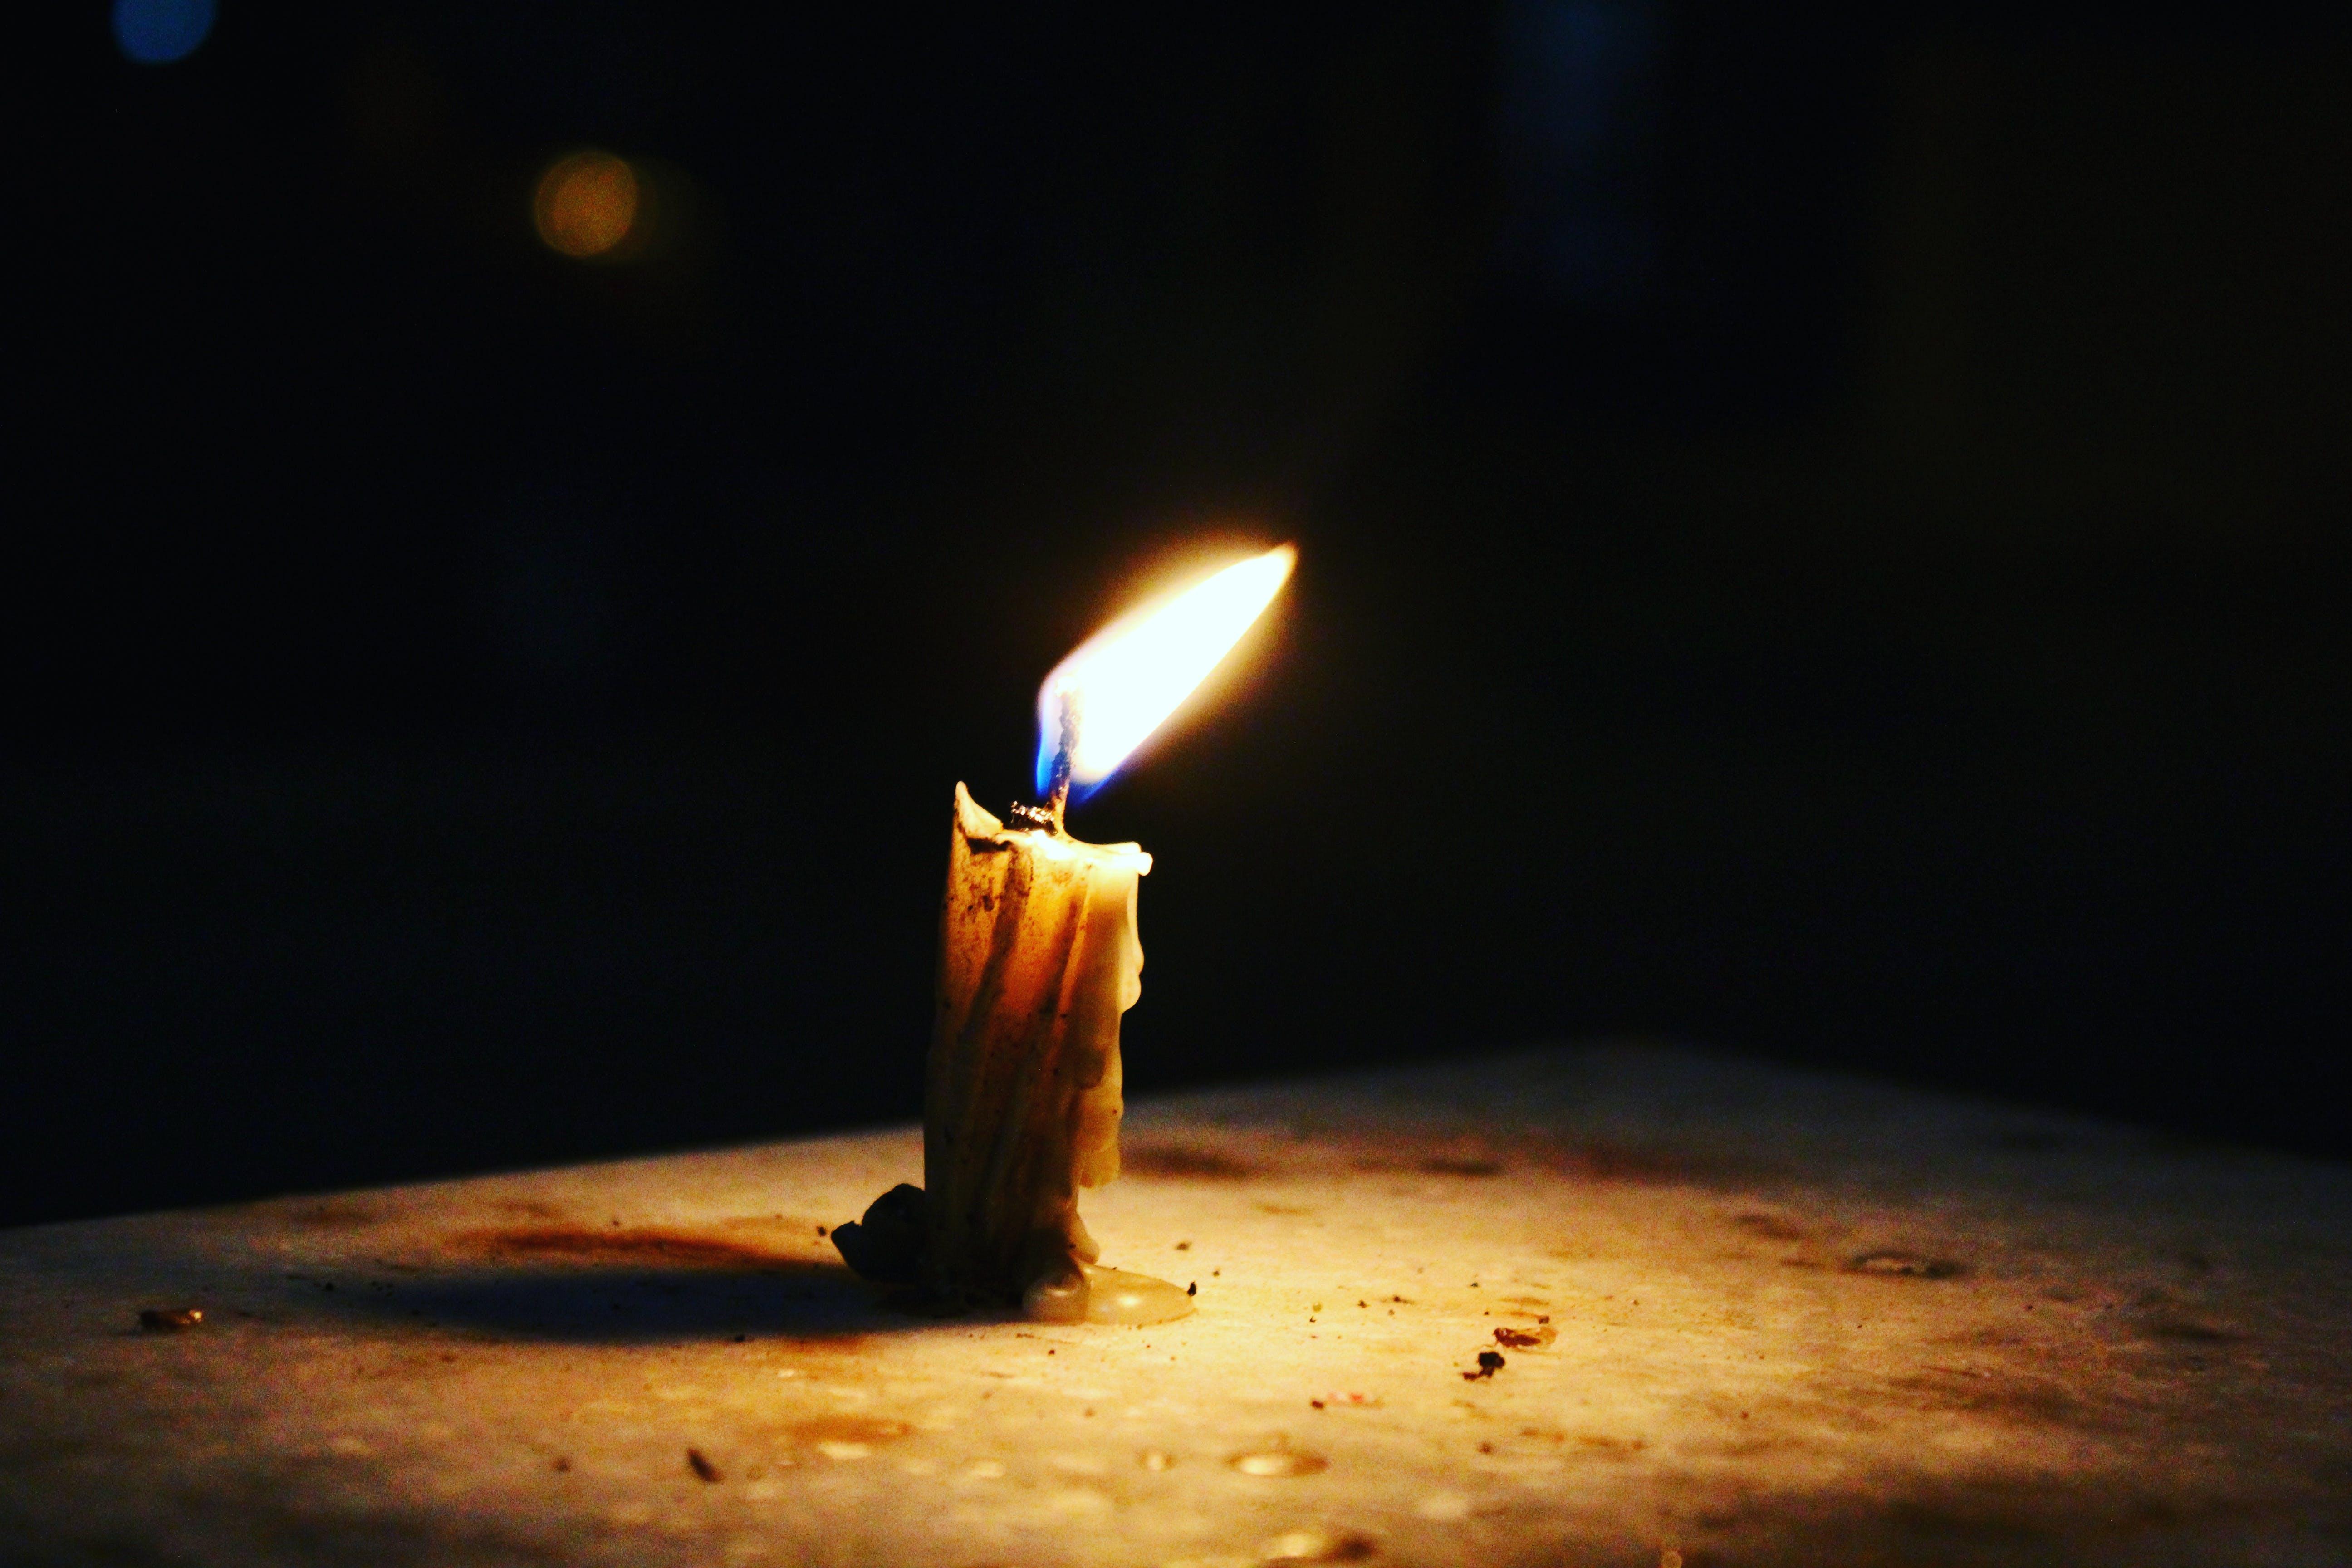 Gratis arkivbilde med #outdoorchallenge, flamme, stearinlys